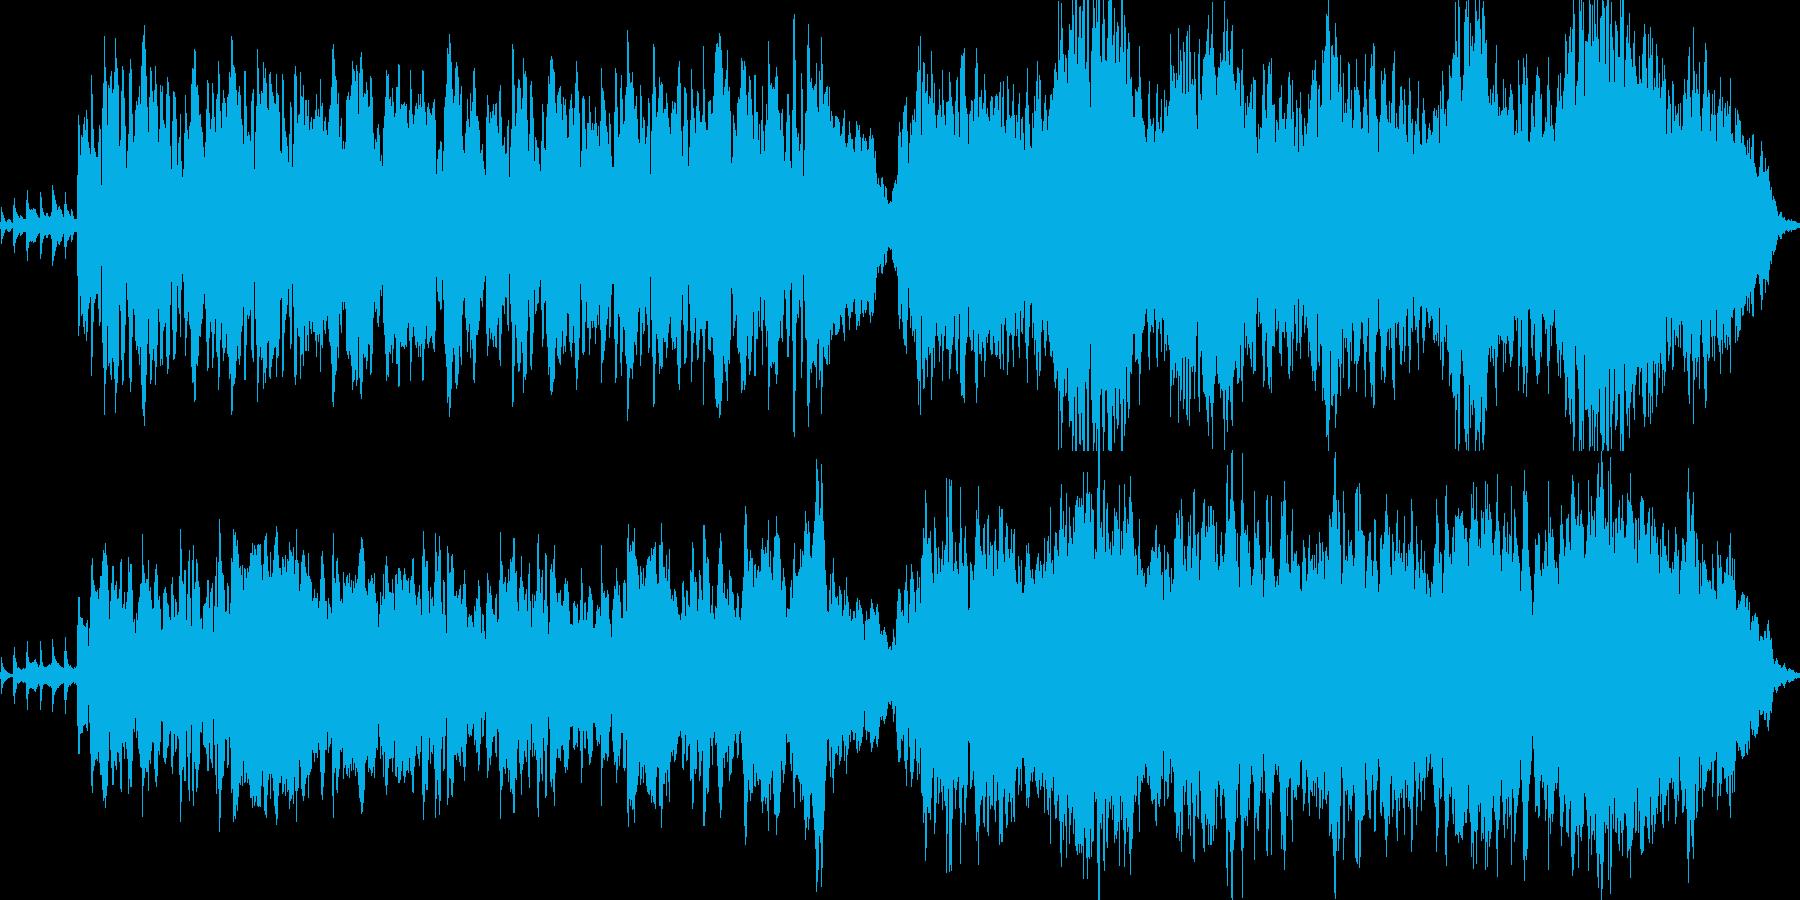 約1分の曲です。初恋の切ない思いを表現…の再生済みの波形